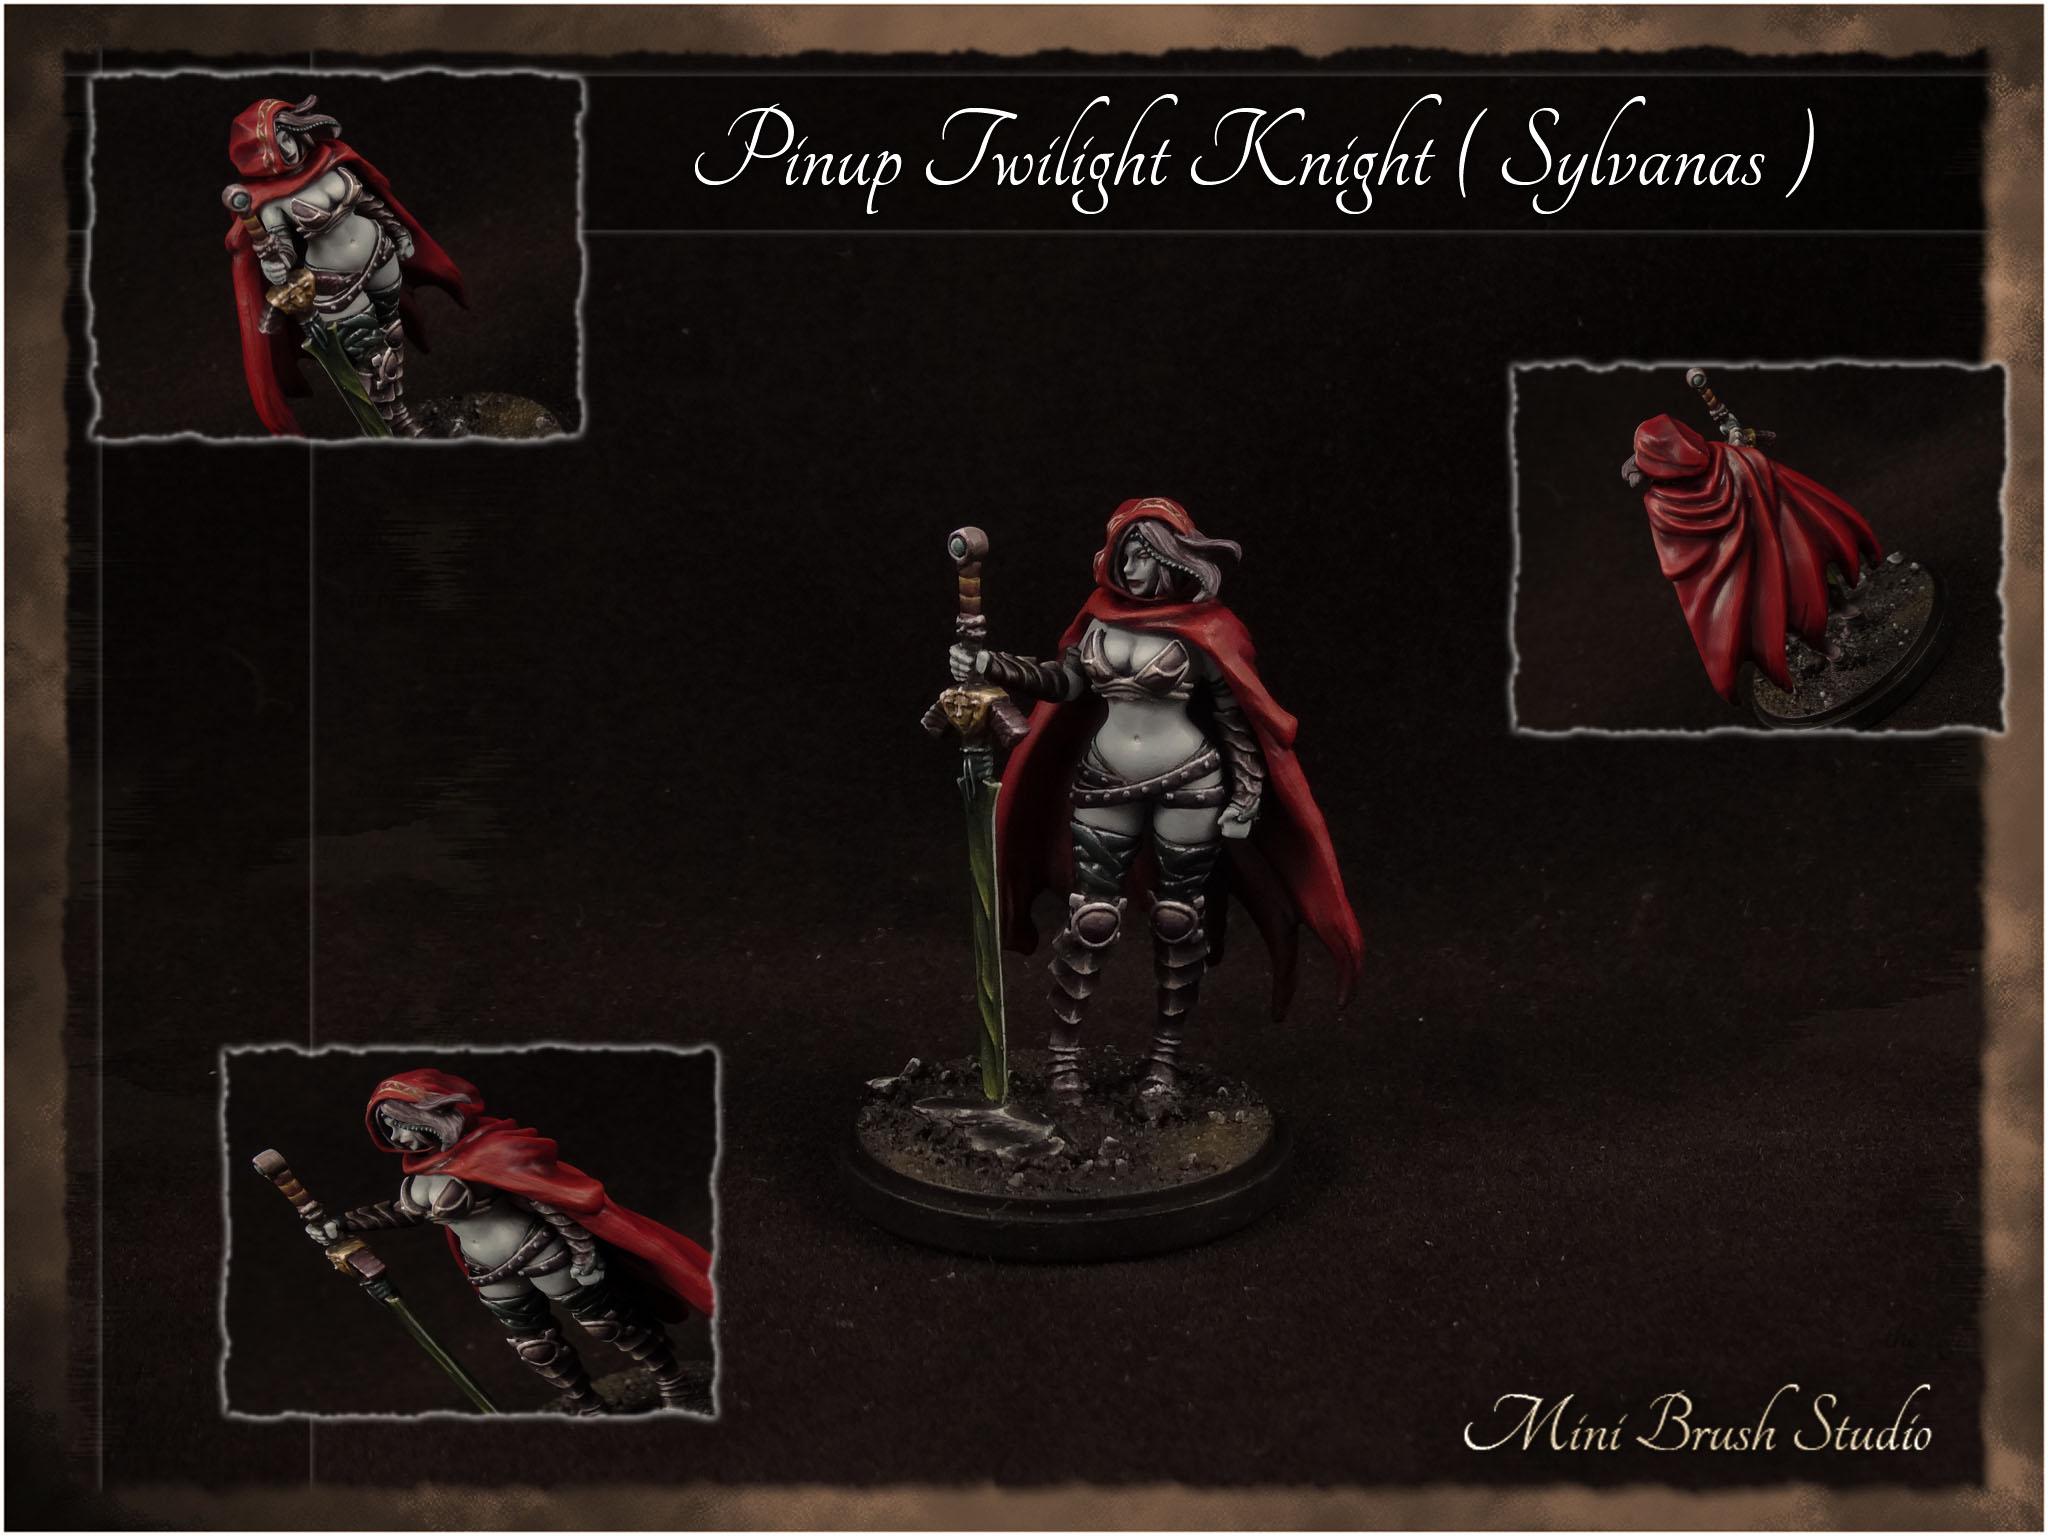 Pinup Twilight Knight ( Sylvanas Windrunner ) 2 v7.jpg